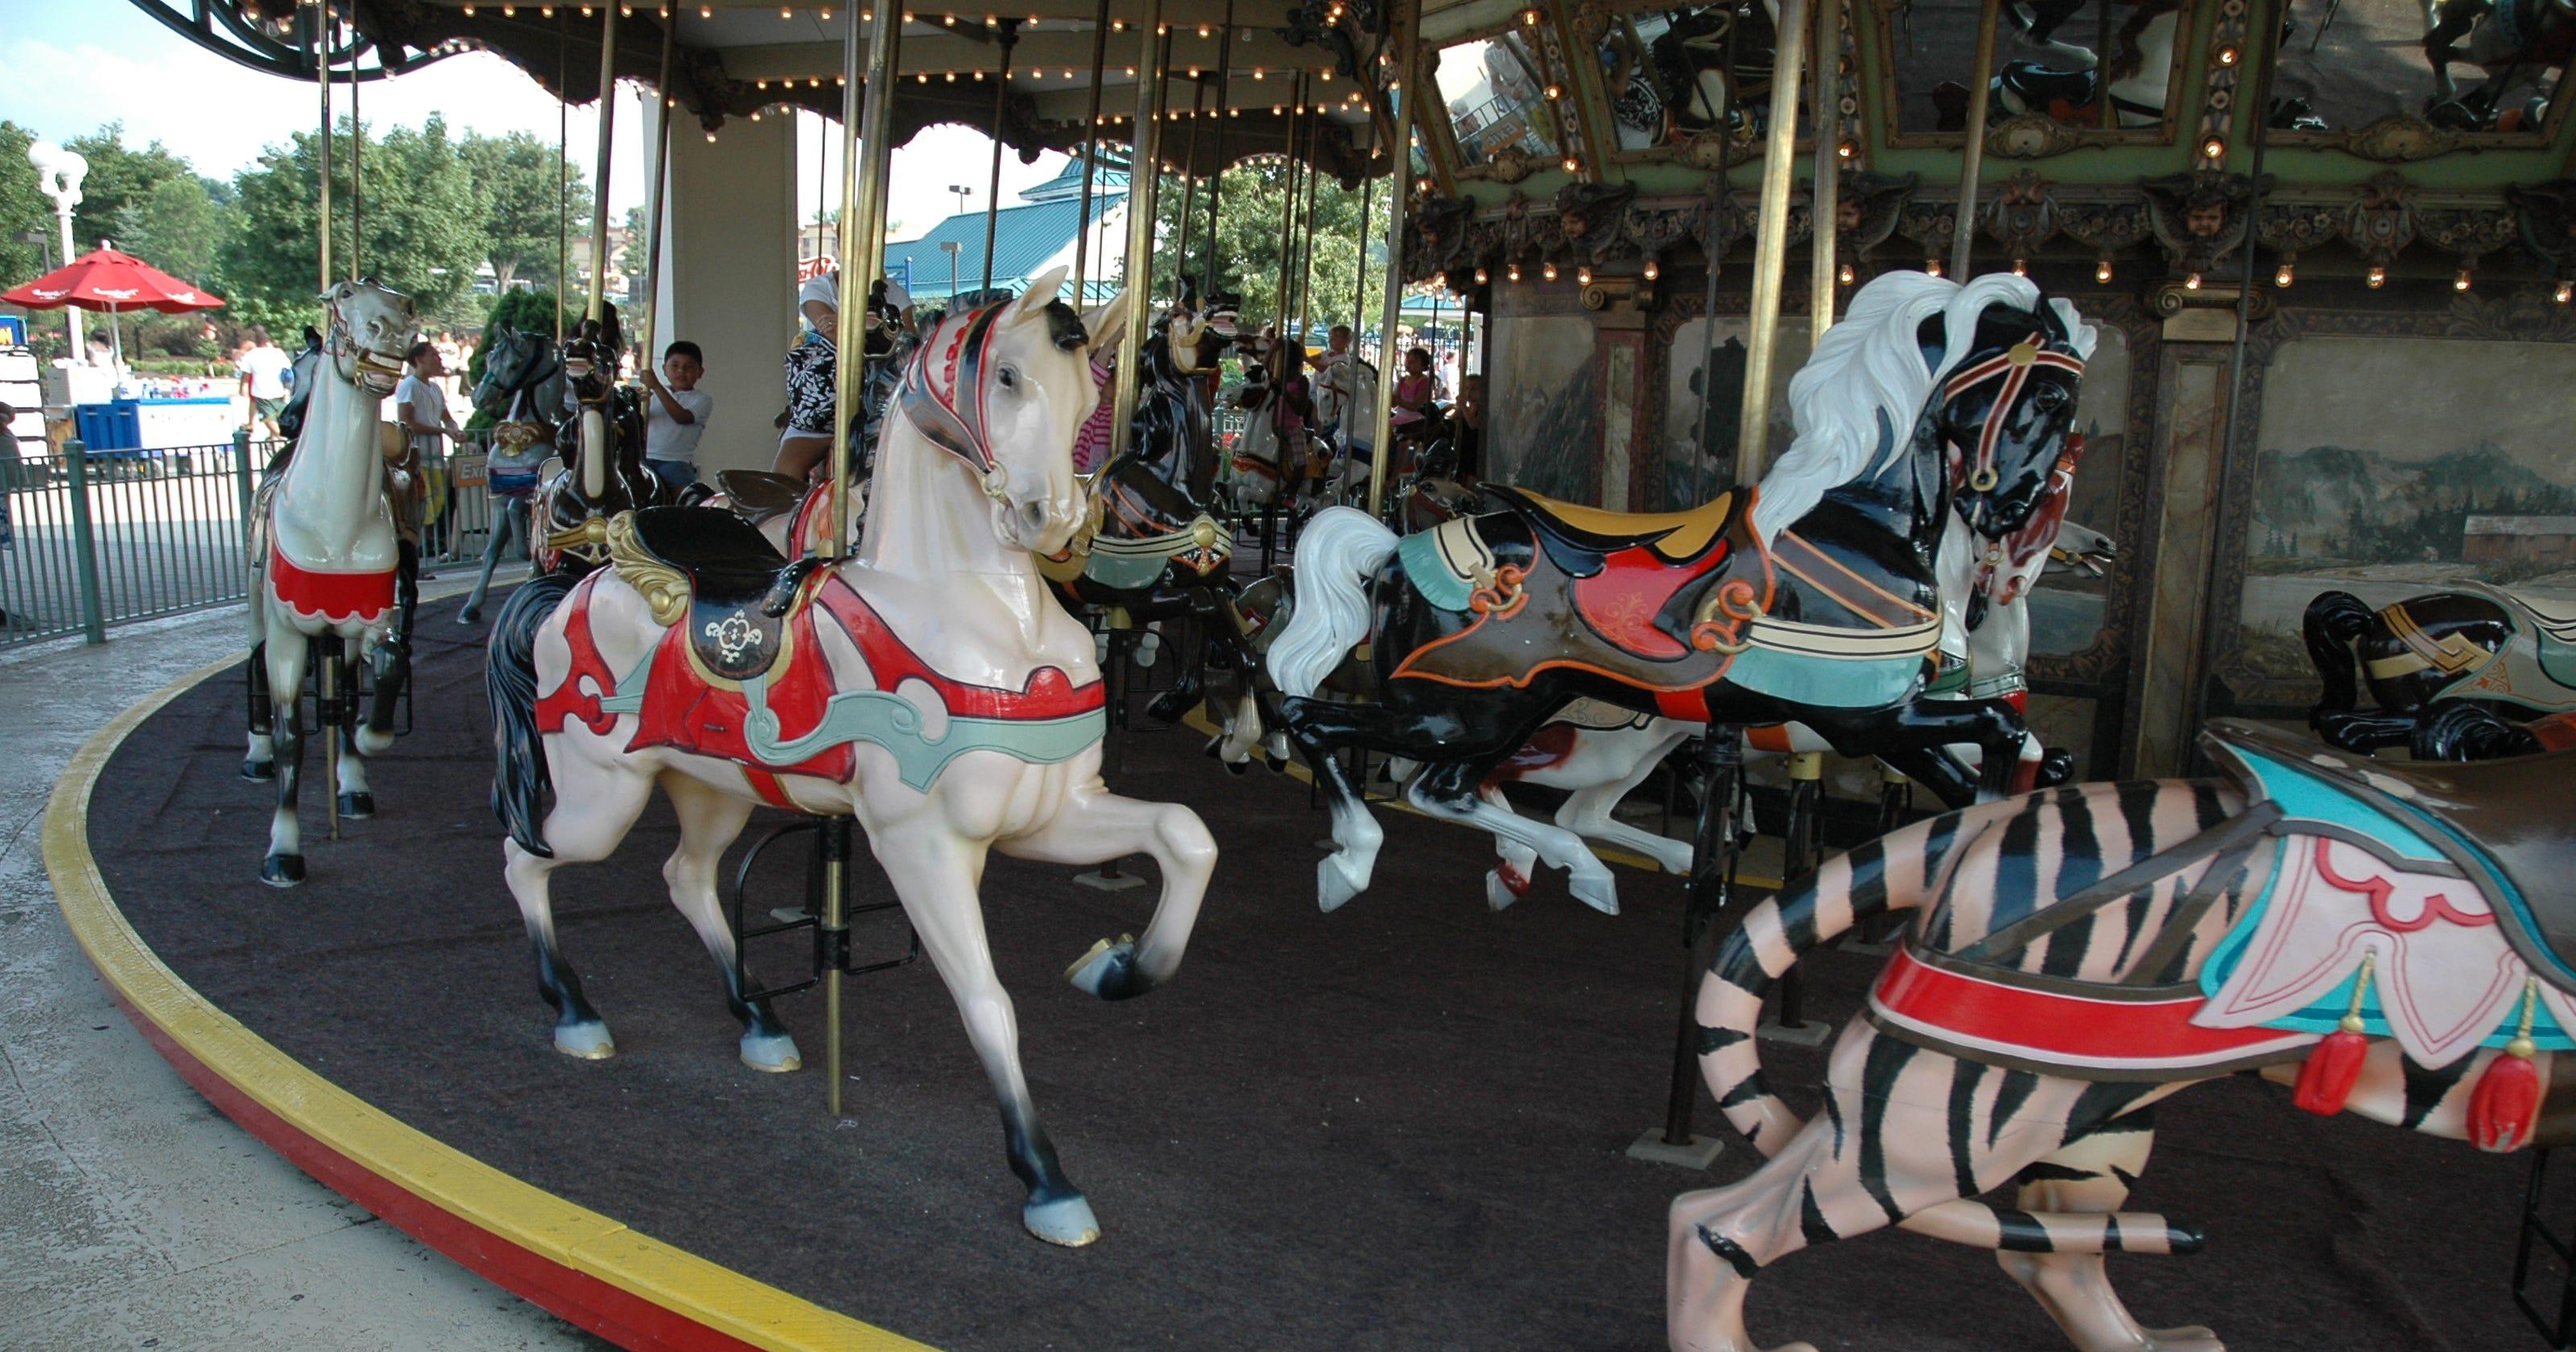 Carousel ride to return to Lake Lansing park